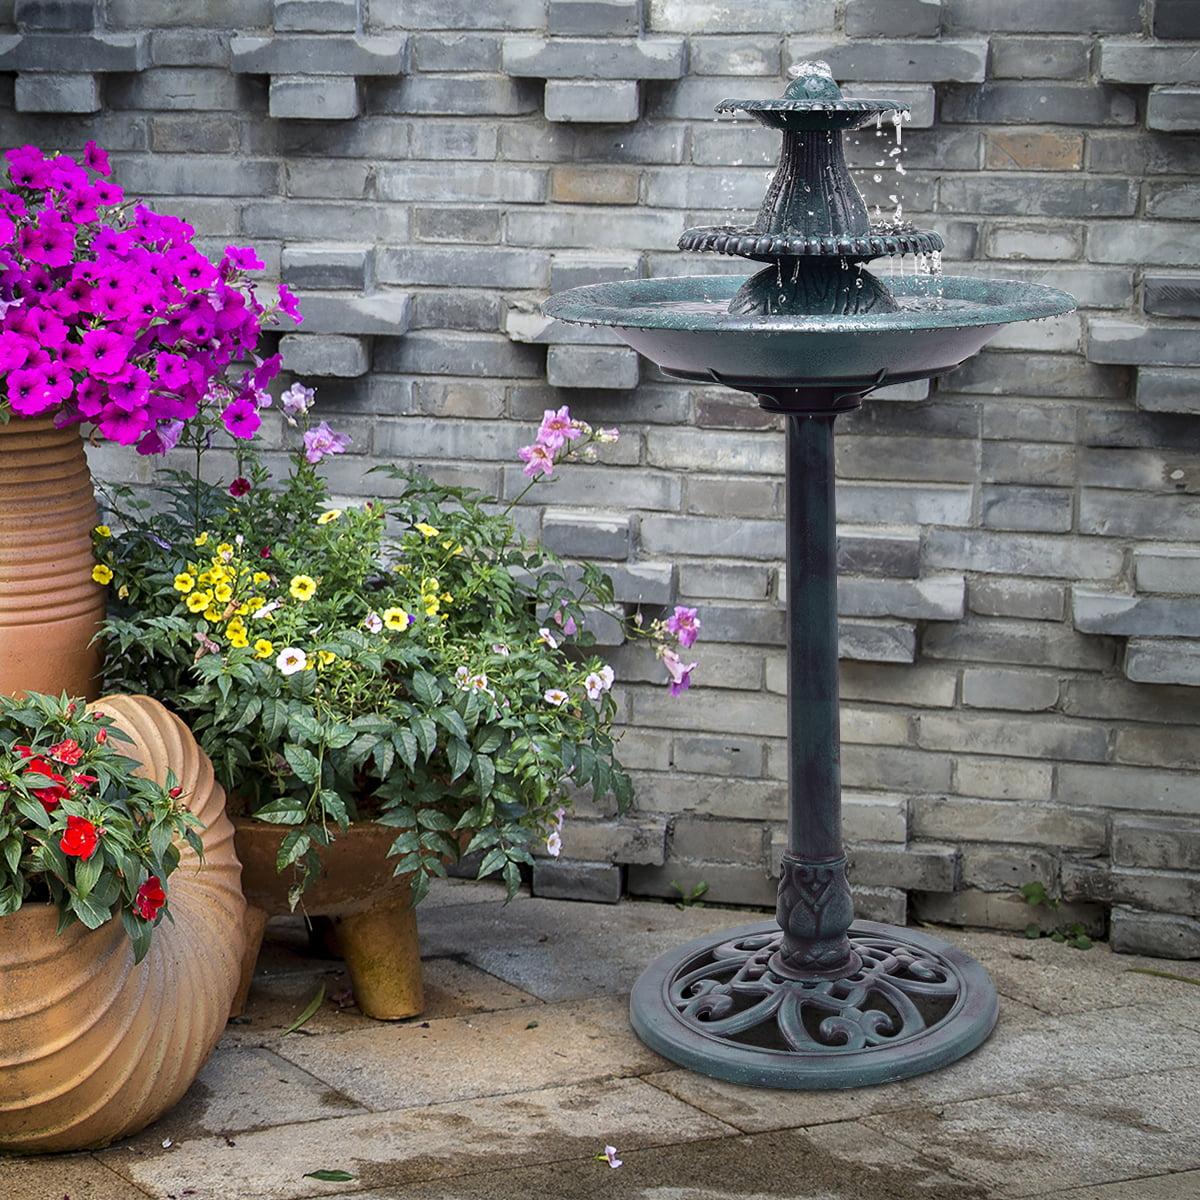 Gymax 3 Tier Fountain Garden Decor Pedestal Outdoor Bird Bath Water Fountain W/Pump